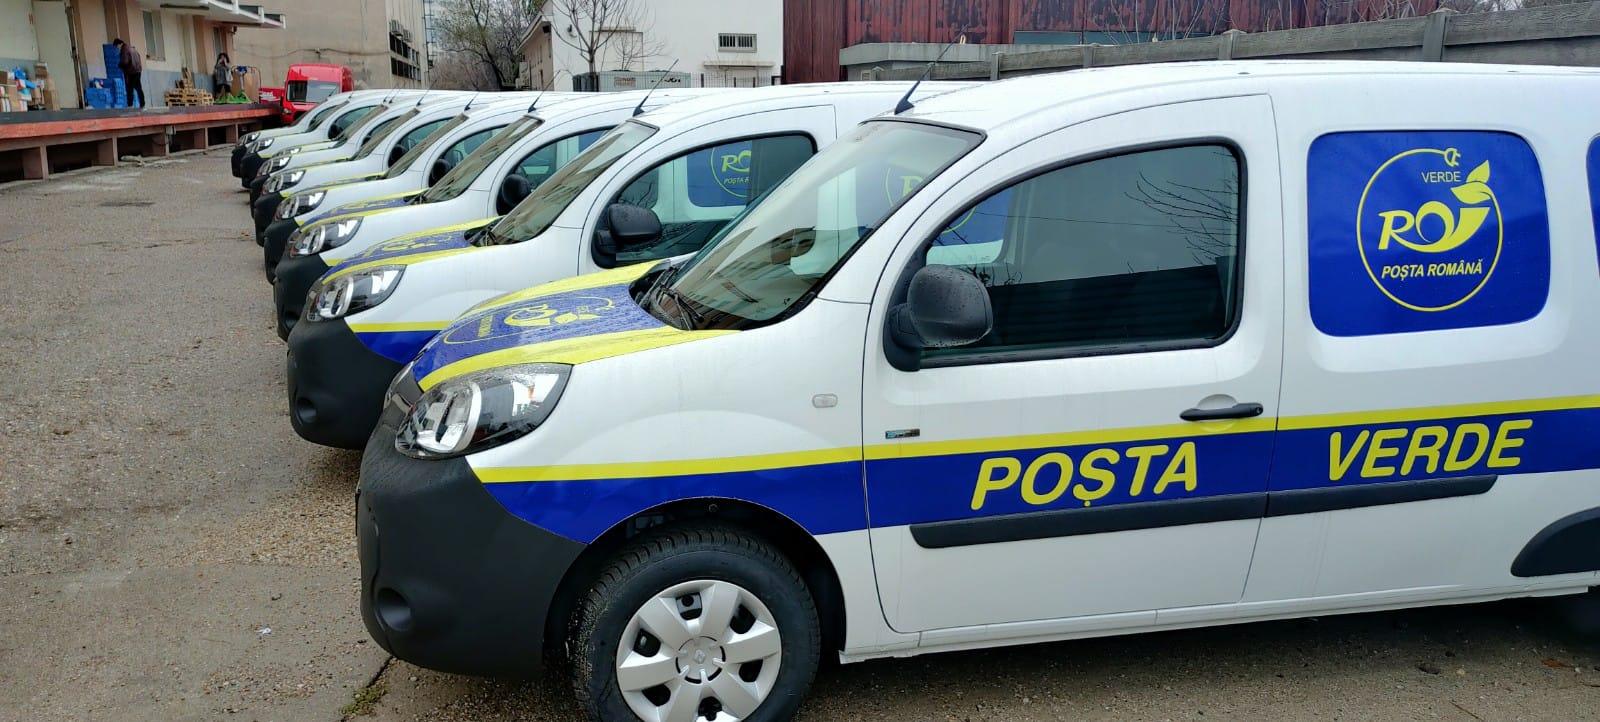 Poșta Română începe implementarea Pactului Verde European: prima măsură luată de companie